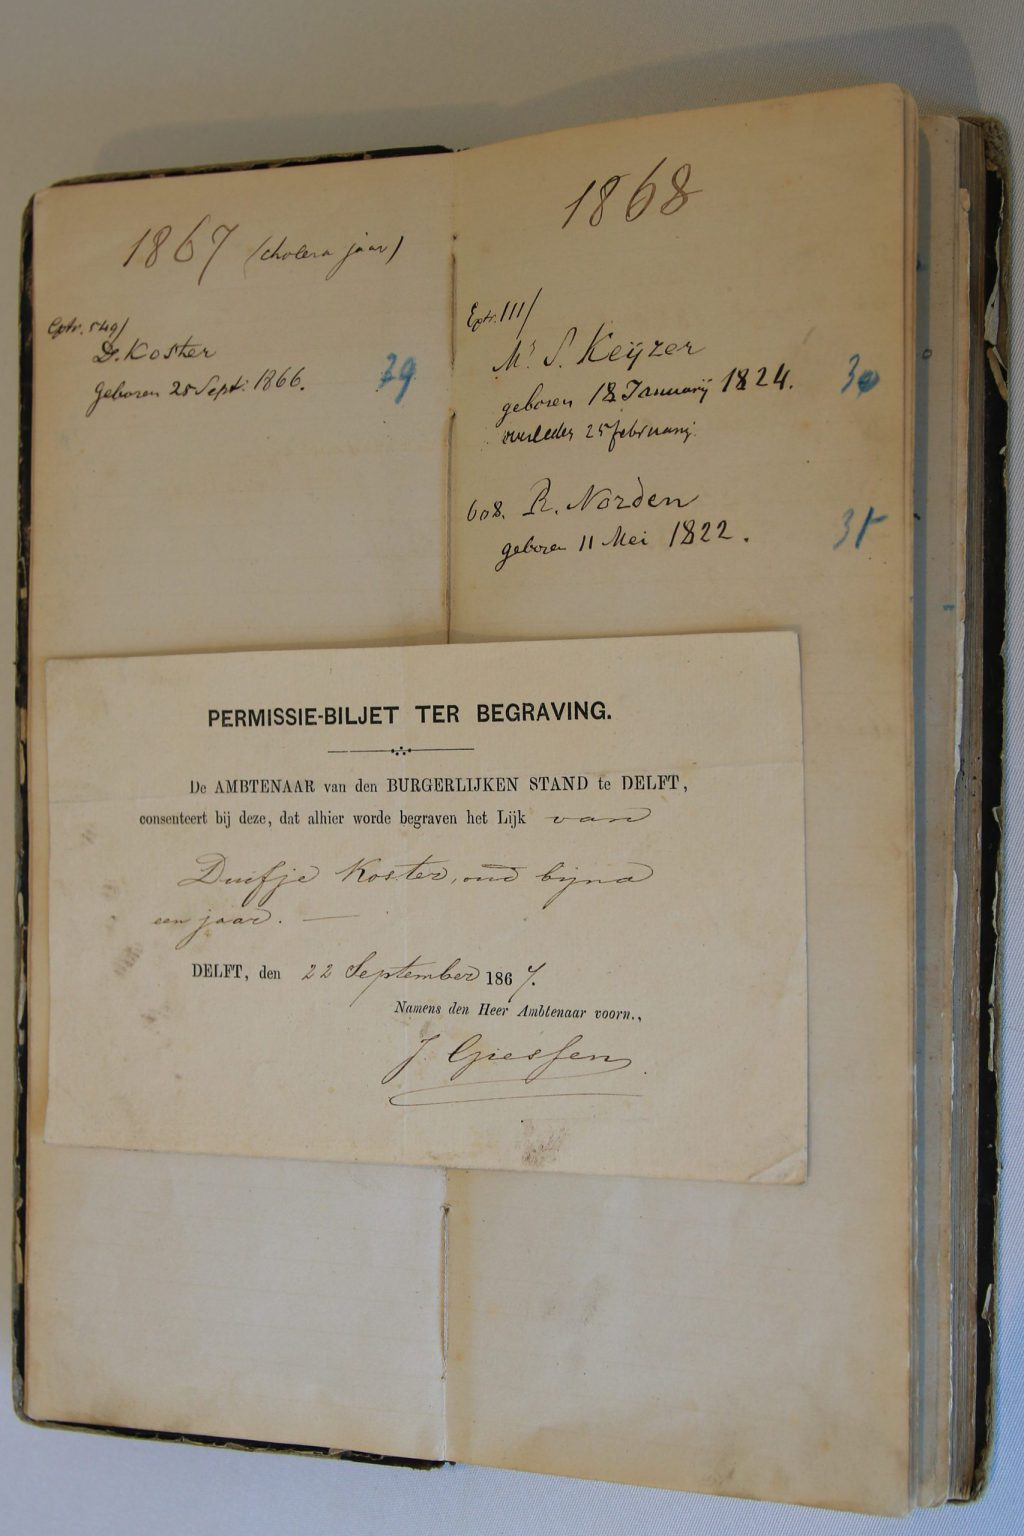 Begraafboek Joodse gemeente, 1860-1919 (Archief 458, inv.nrs 81 en 82)